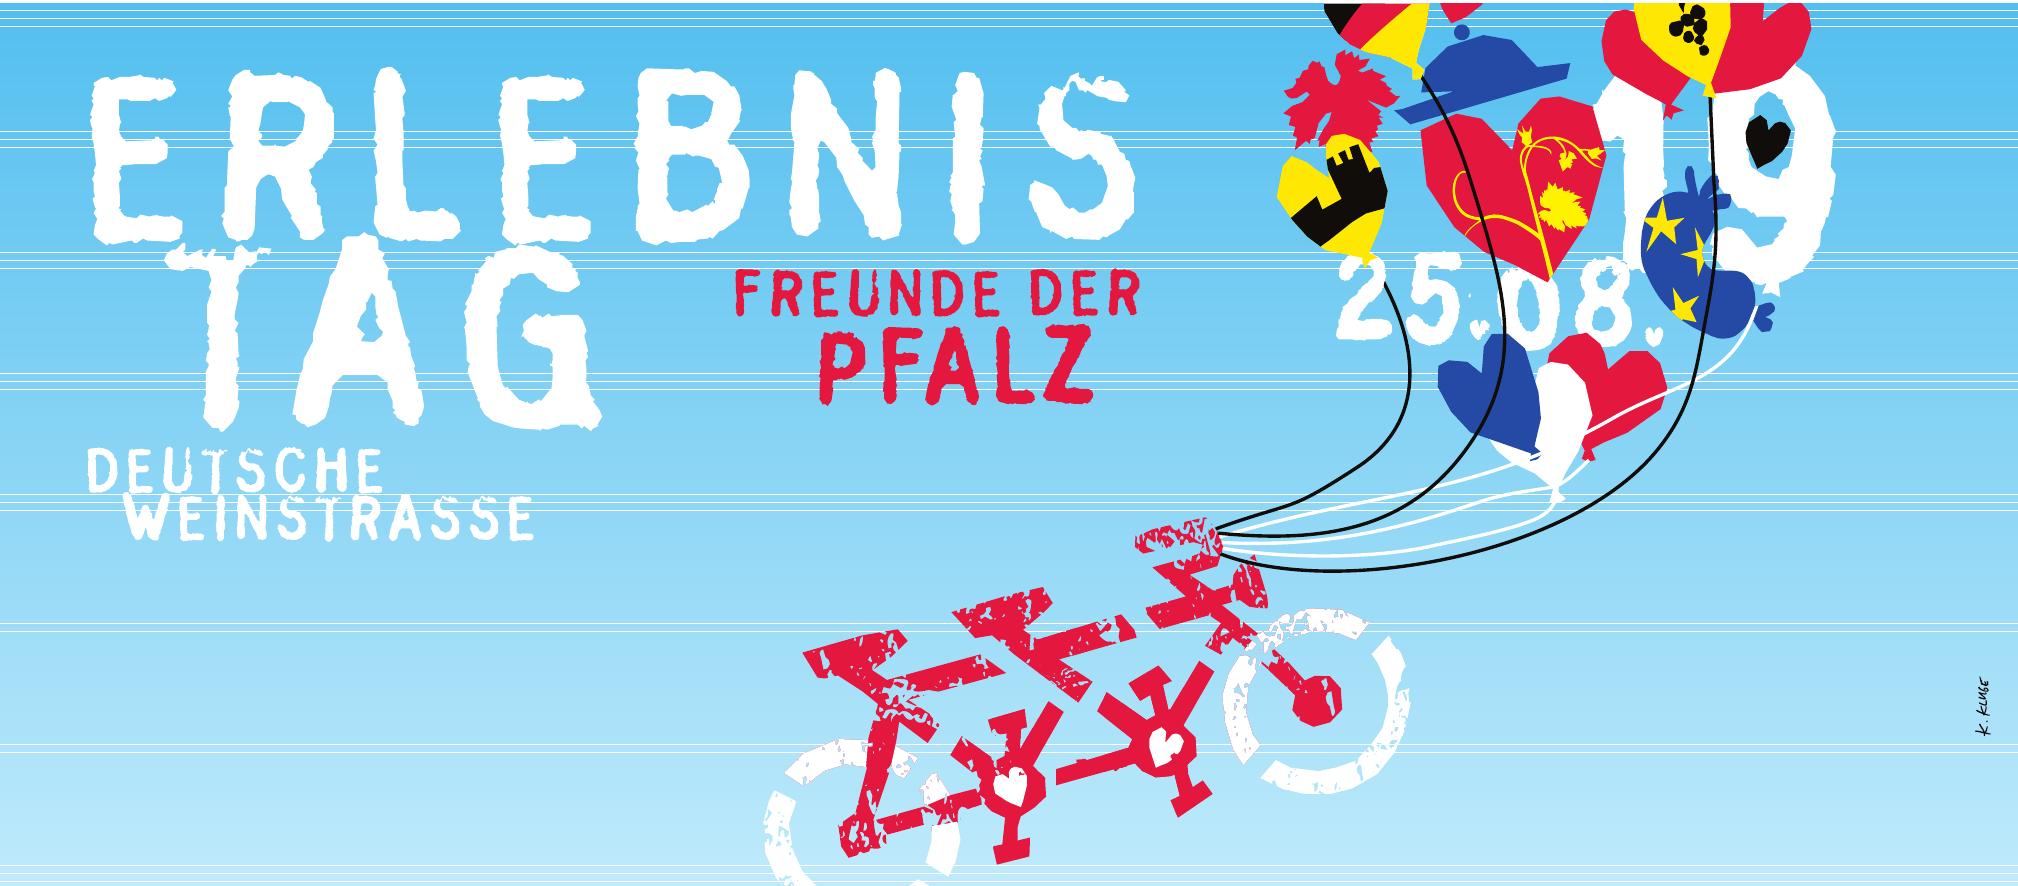 Erlebnistag Deutsche Weinstraße - Freunde der Pfalz